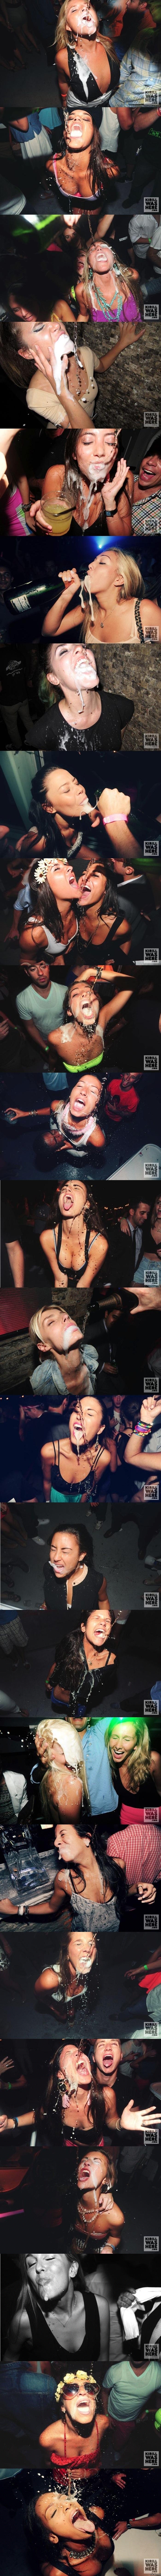 Один производитель игристых вин устроил крутую вечеринку,  где всем девушкам предлагалось абсолютно бесплатно отведать шампанское. но только без фужеров и бокалов, напиток вливали им в рот просто с горла бутылок Картинки и фото